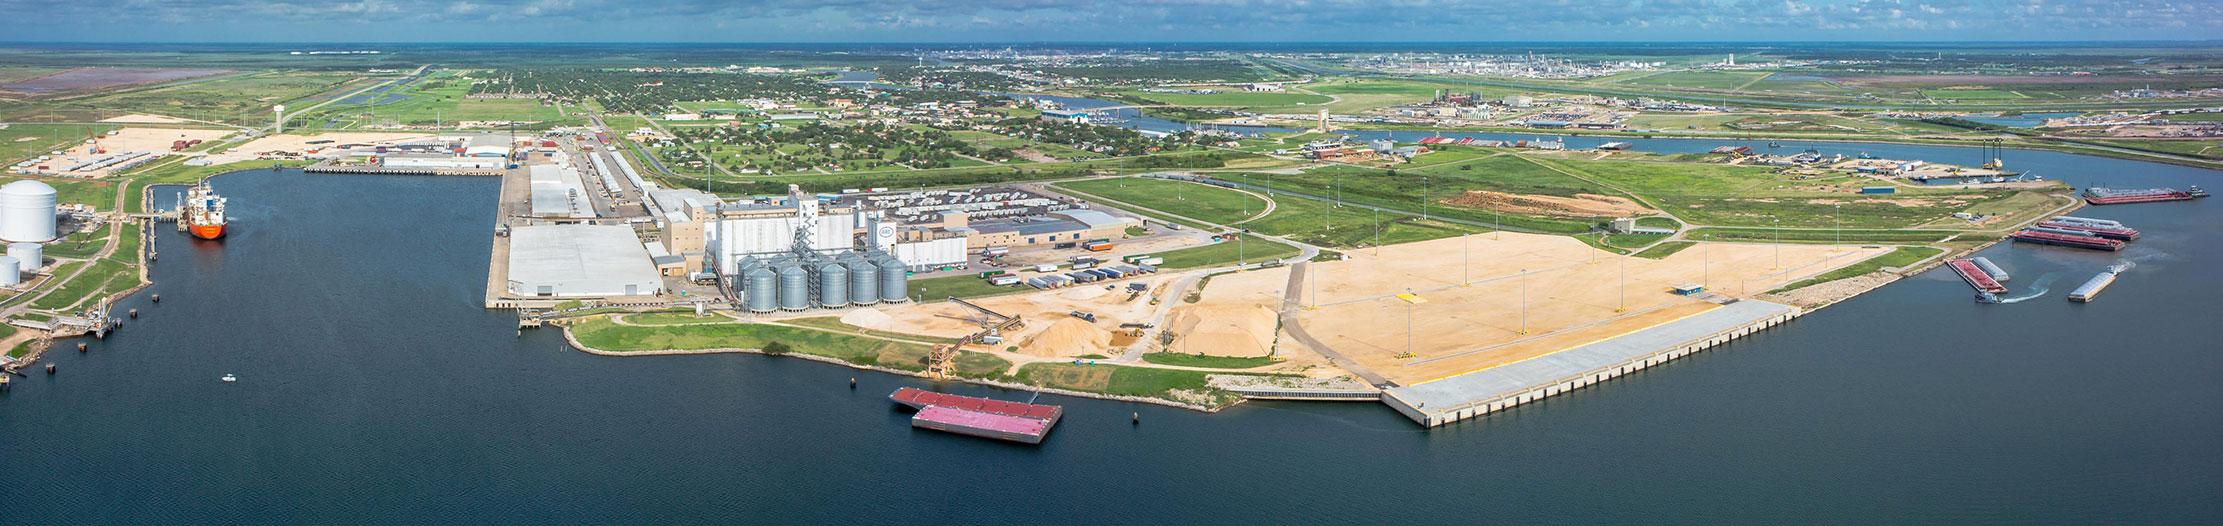 port freeport land for development